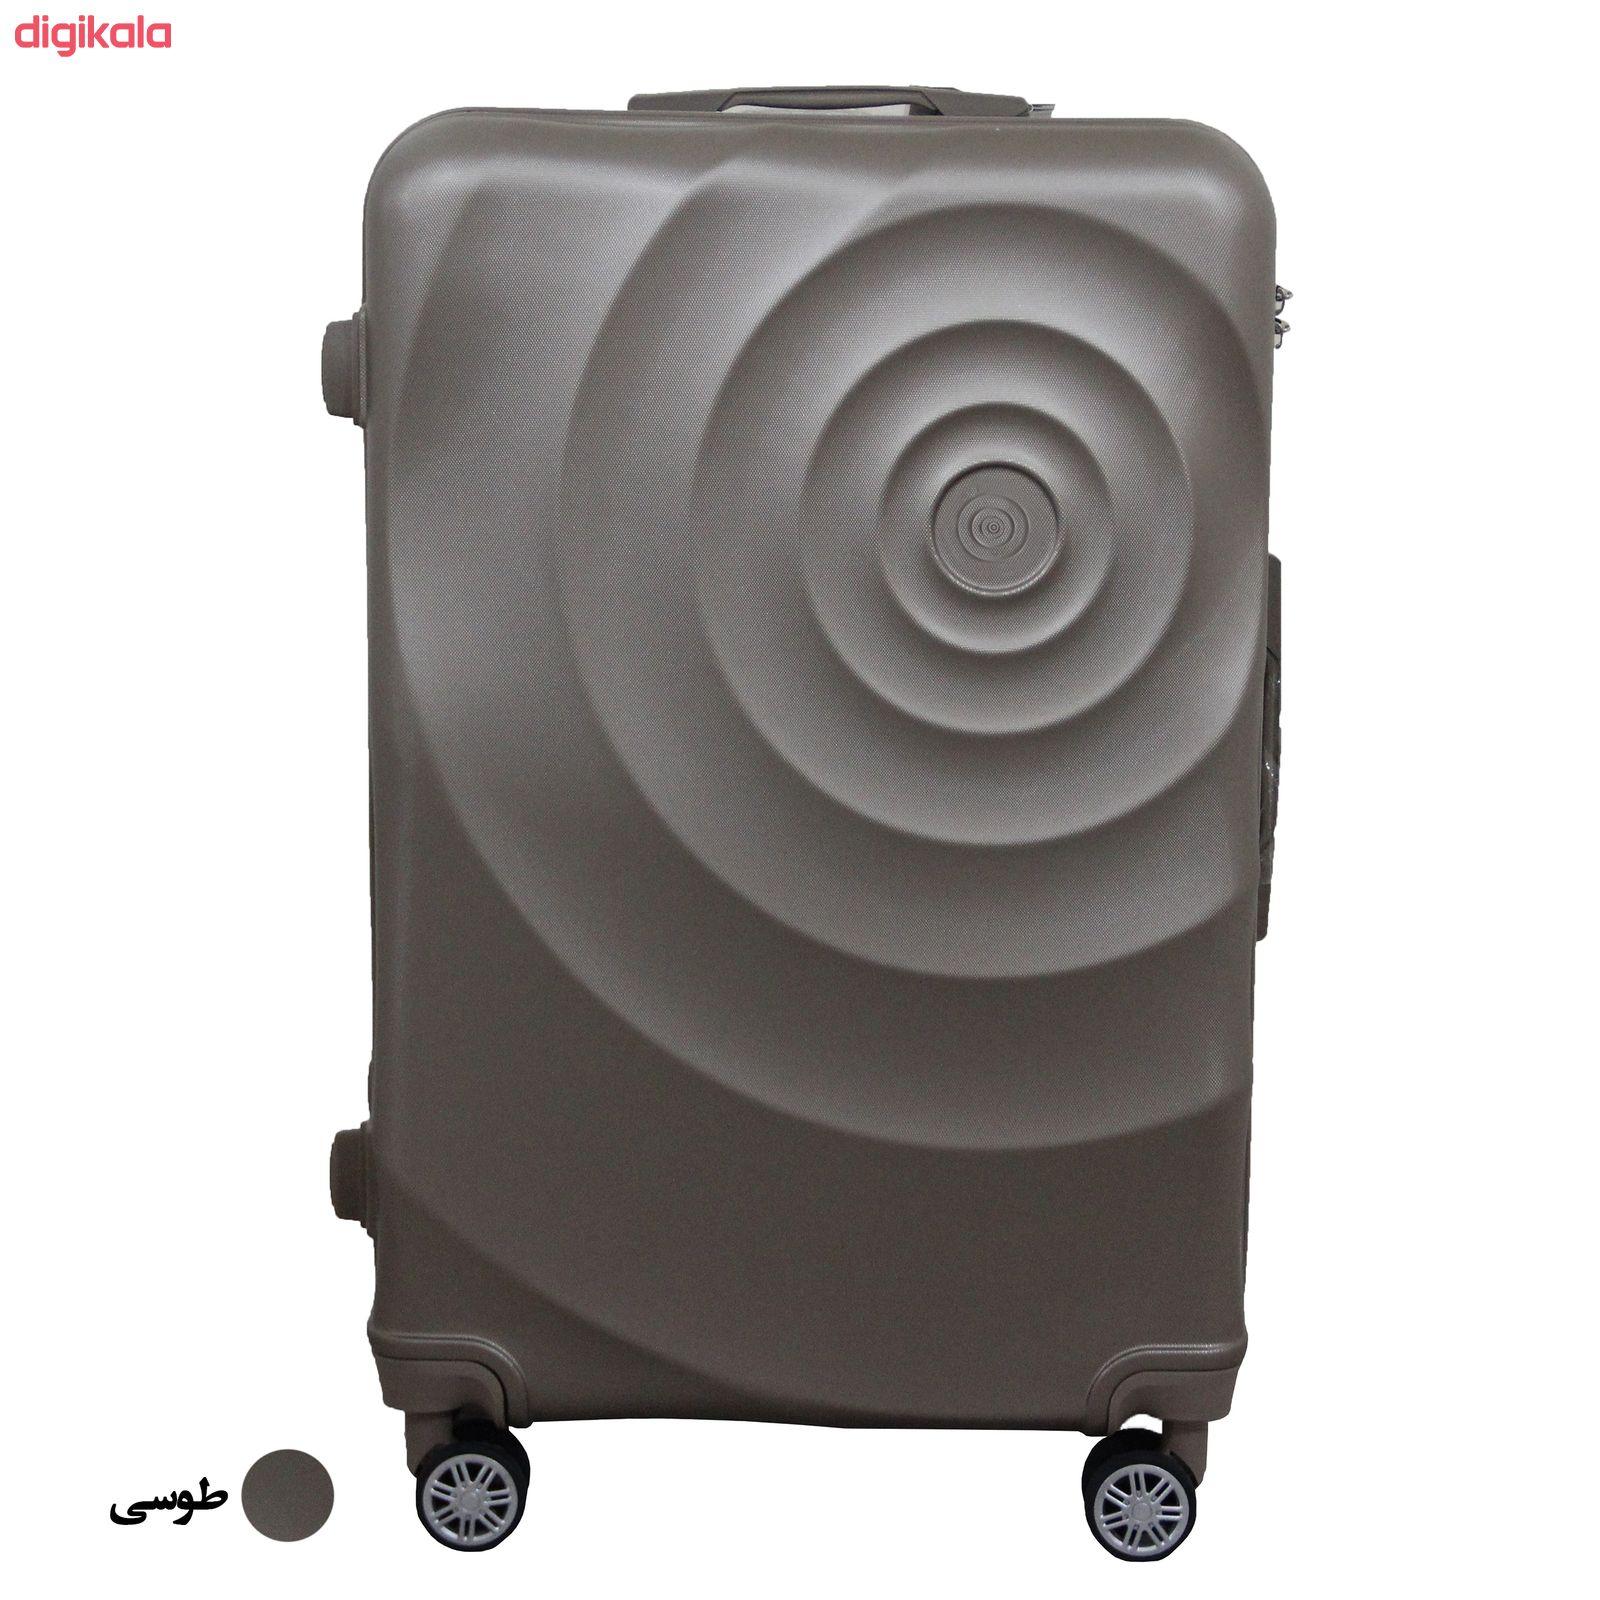 مجموعه چهار عددی چمدان مدل 319363 main 1 3